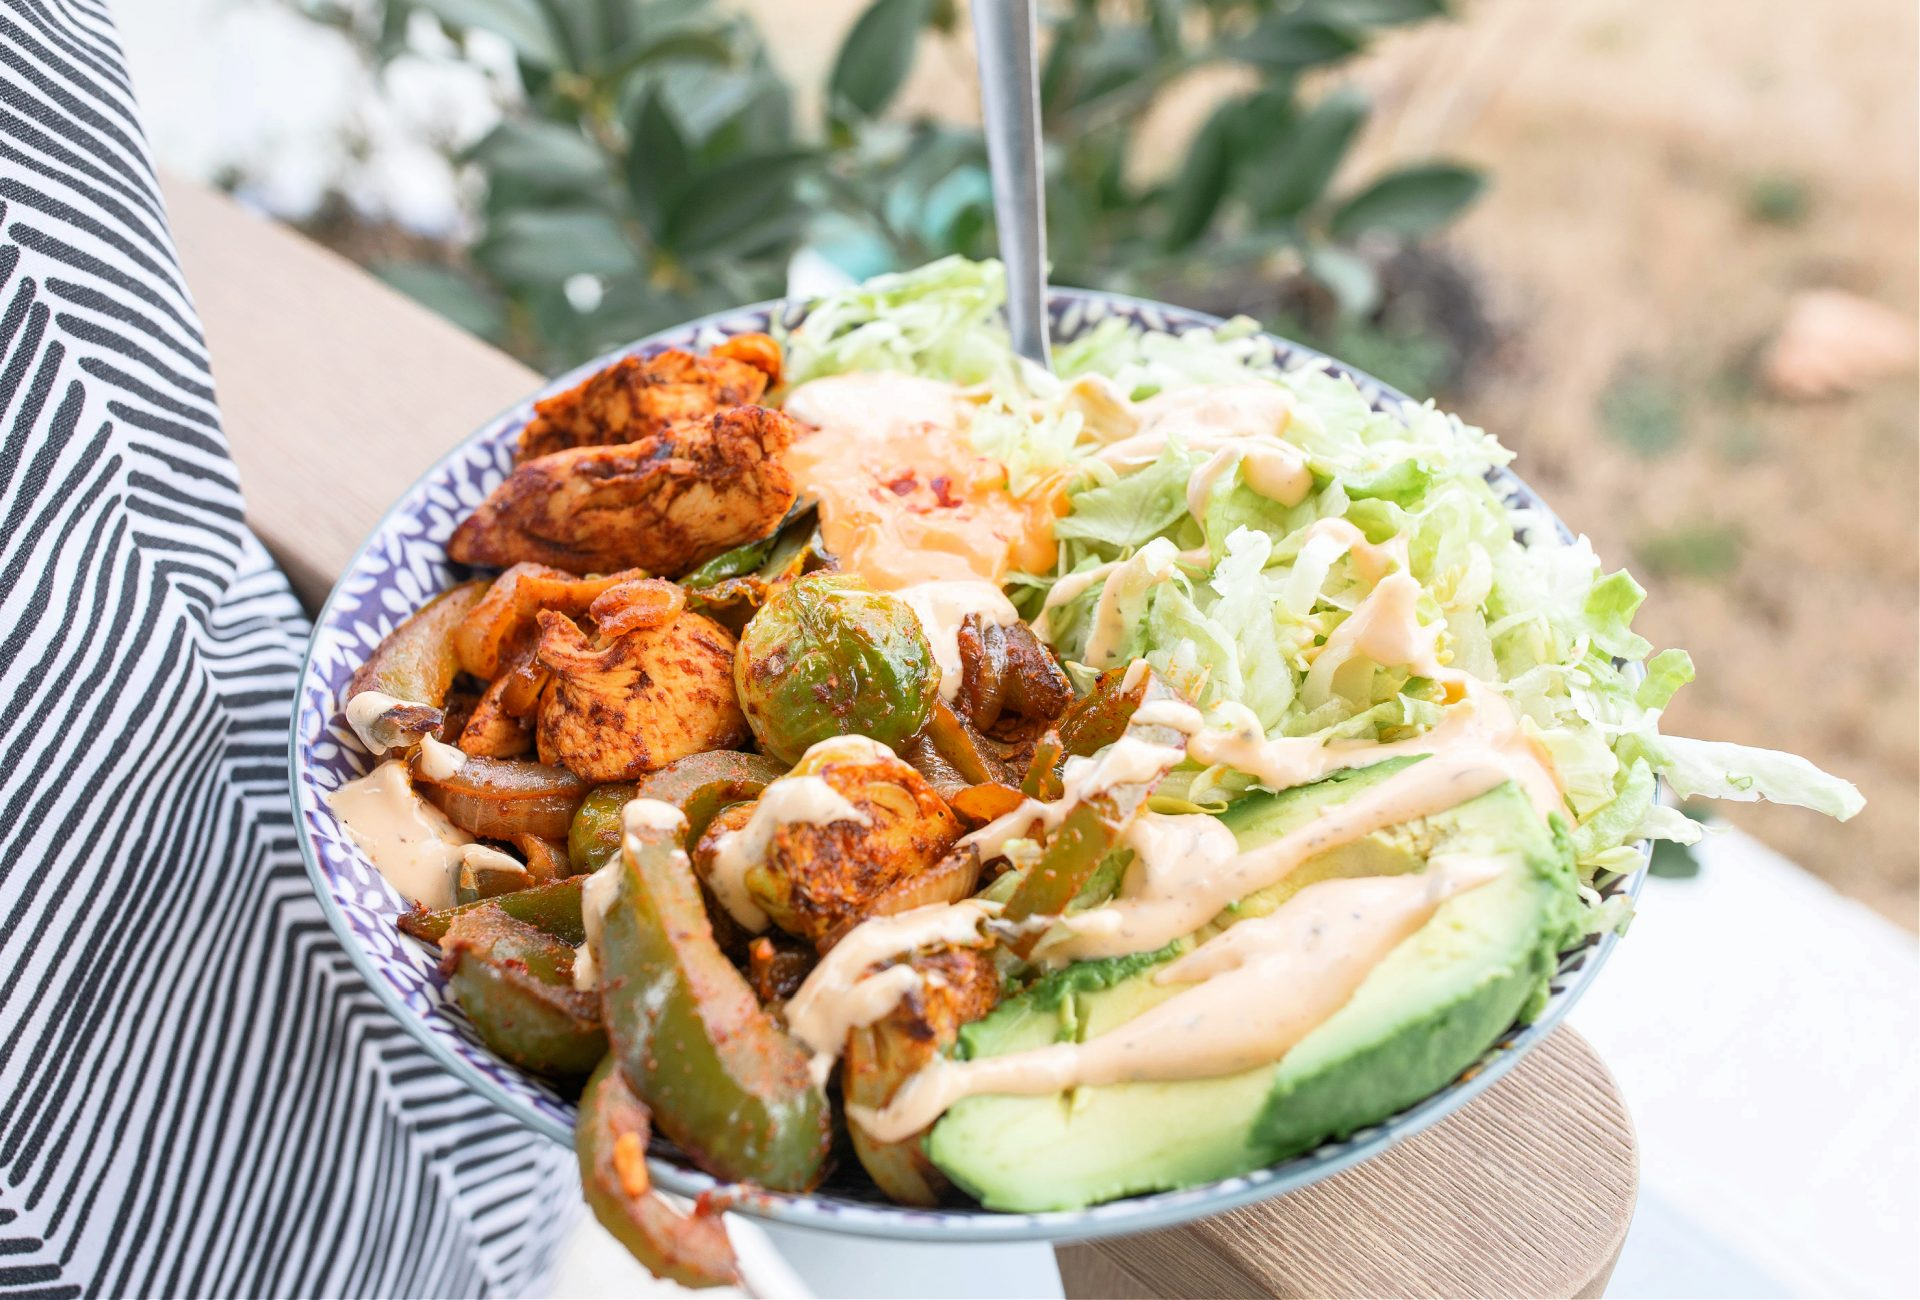 keto fajita salads, chicken fajita, fajitas, chicken, low carb dinner, low carb fajitas, keto bowls, chicken bowls, dinner, recipes, gluten-free